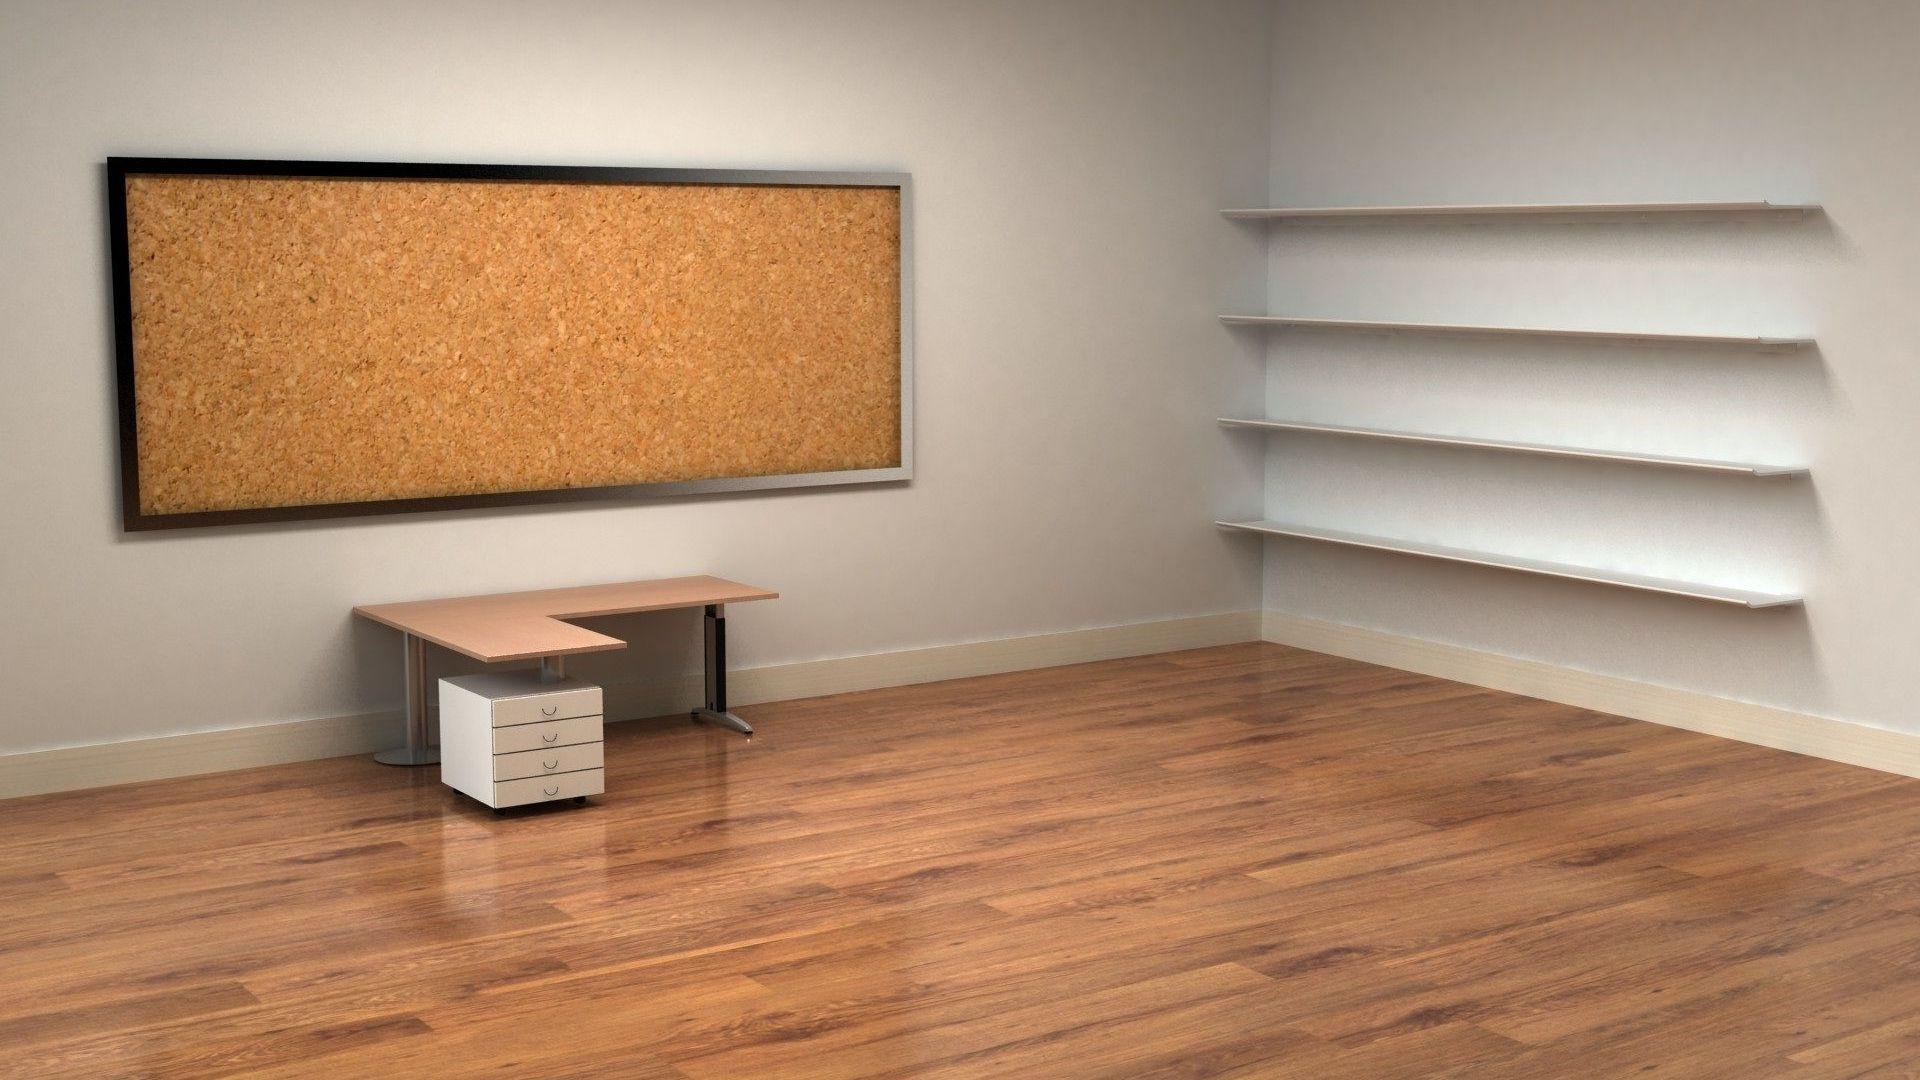 desk and shelves desktop wallpaper wallpapersafari, shelf for